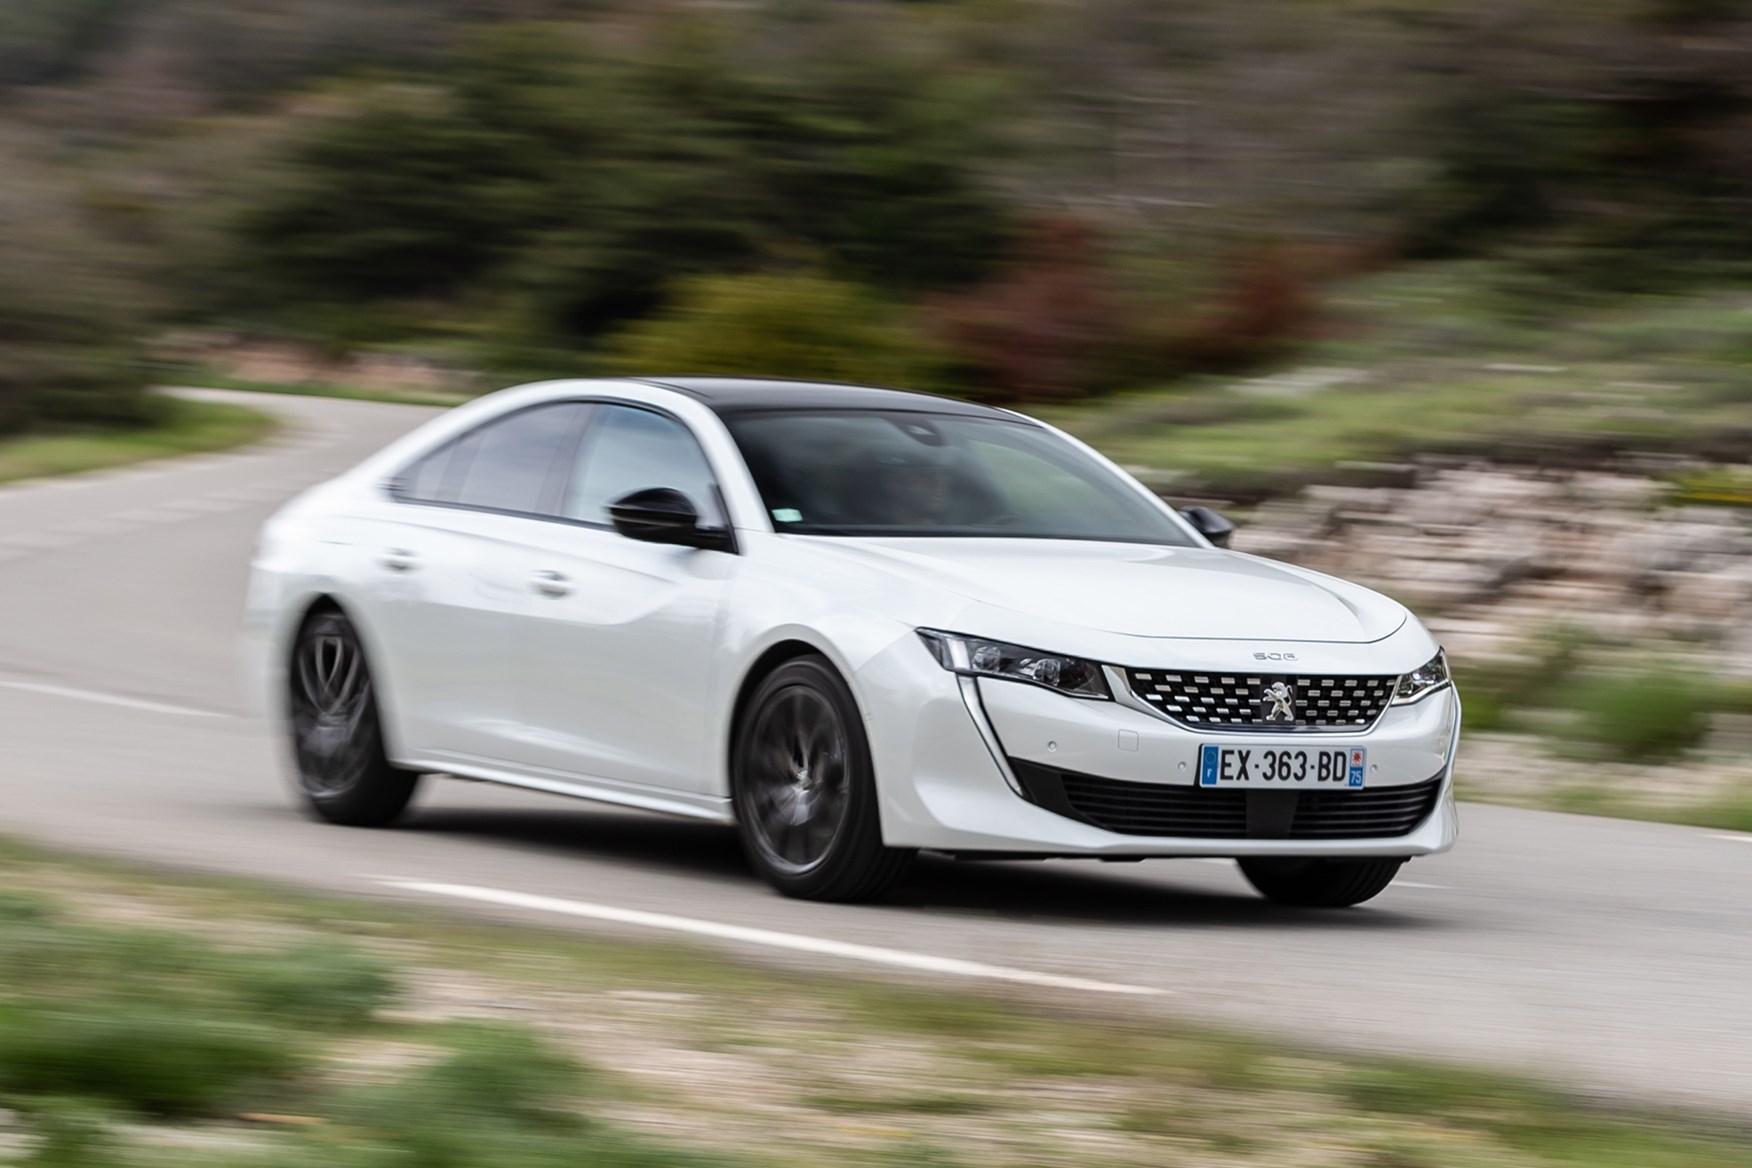 2018 Volkswagen Arteon >> Peugeot 508 Review (2019) | Parkers